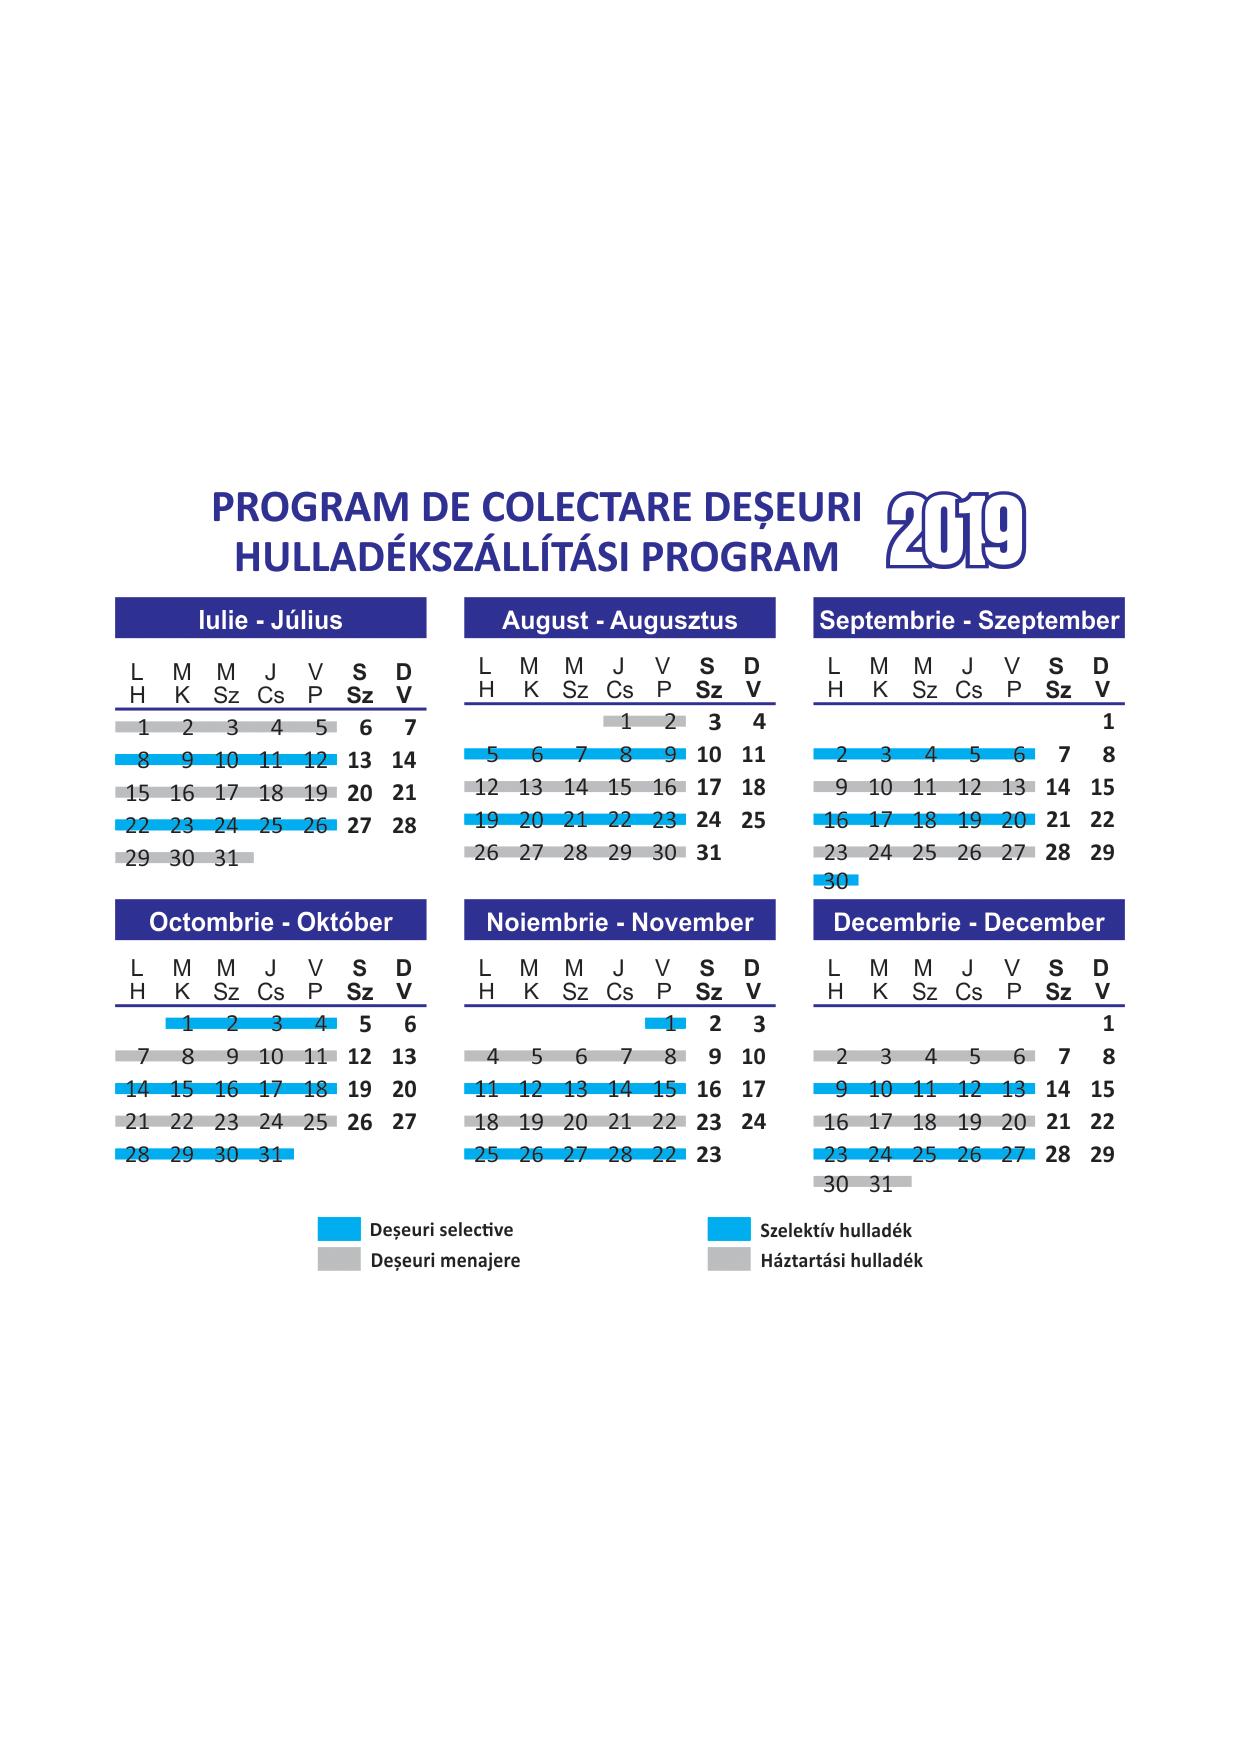 Hulladékelszállítási program, július-december, 2019